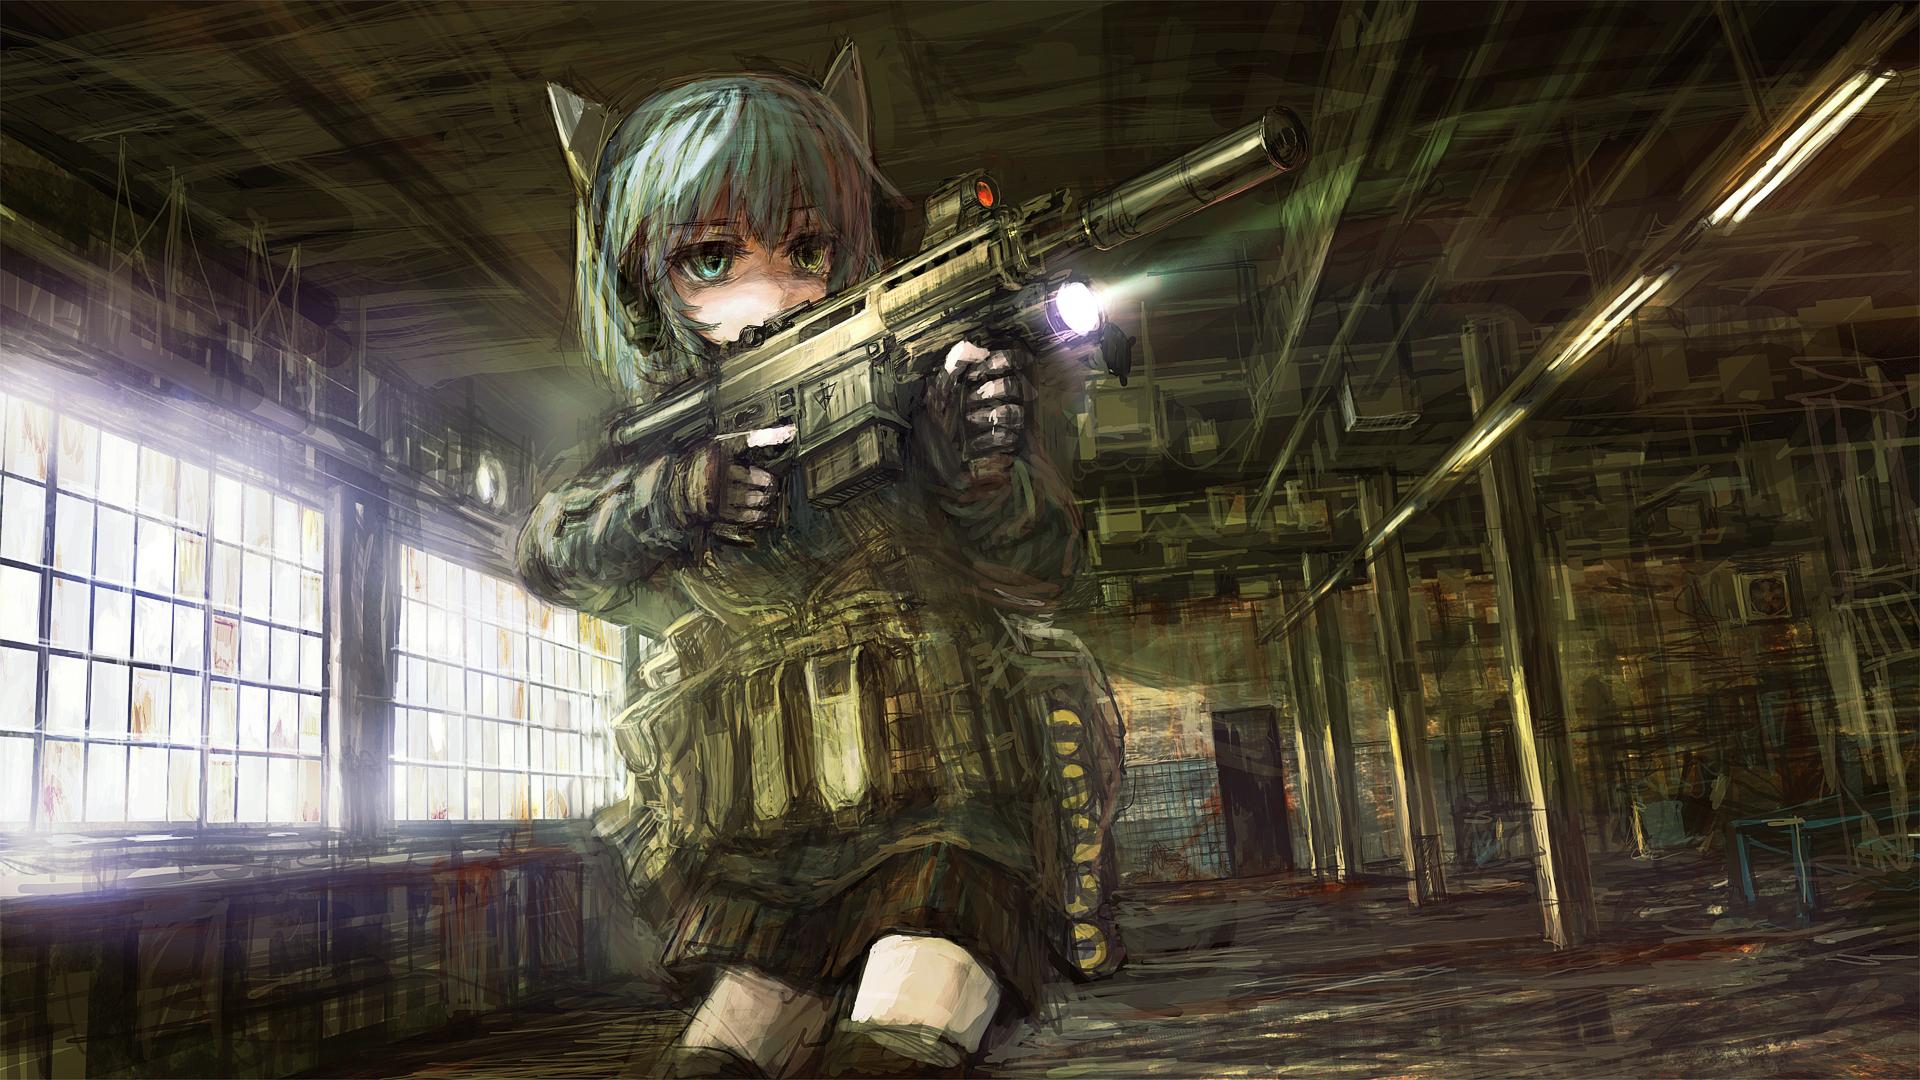 LM7 HD Wallpaper 1174853  Zerochan Anime Image Board